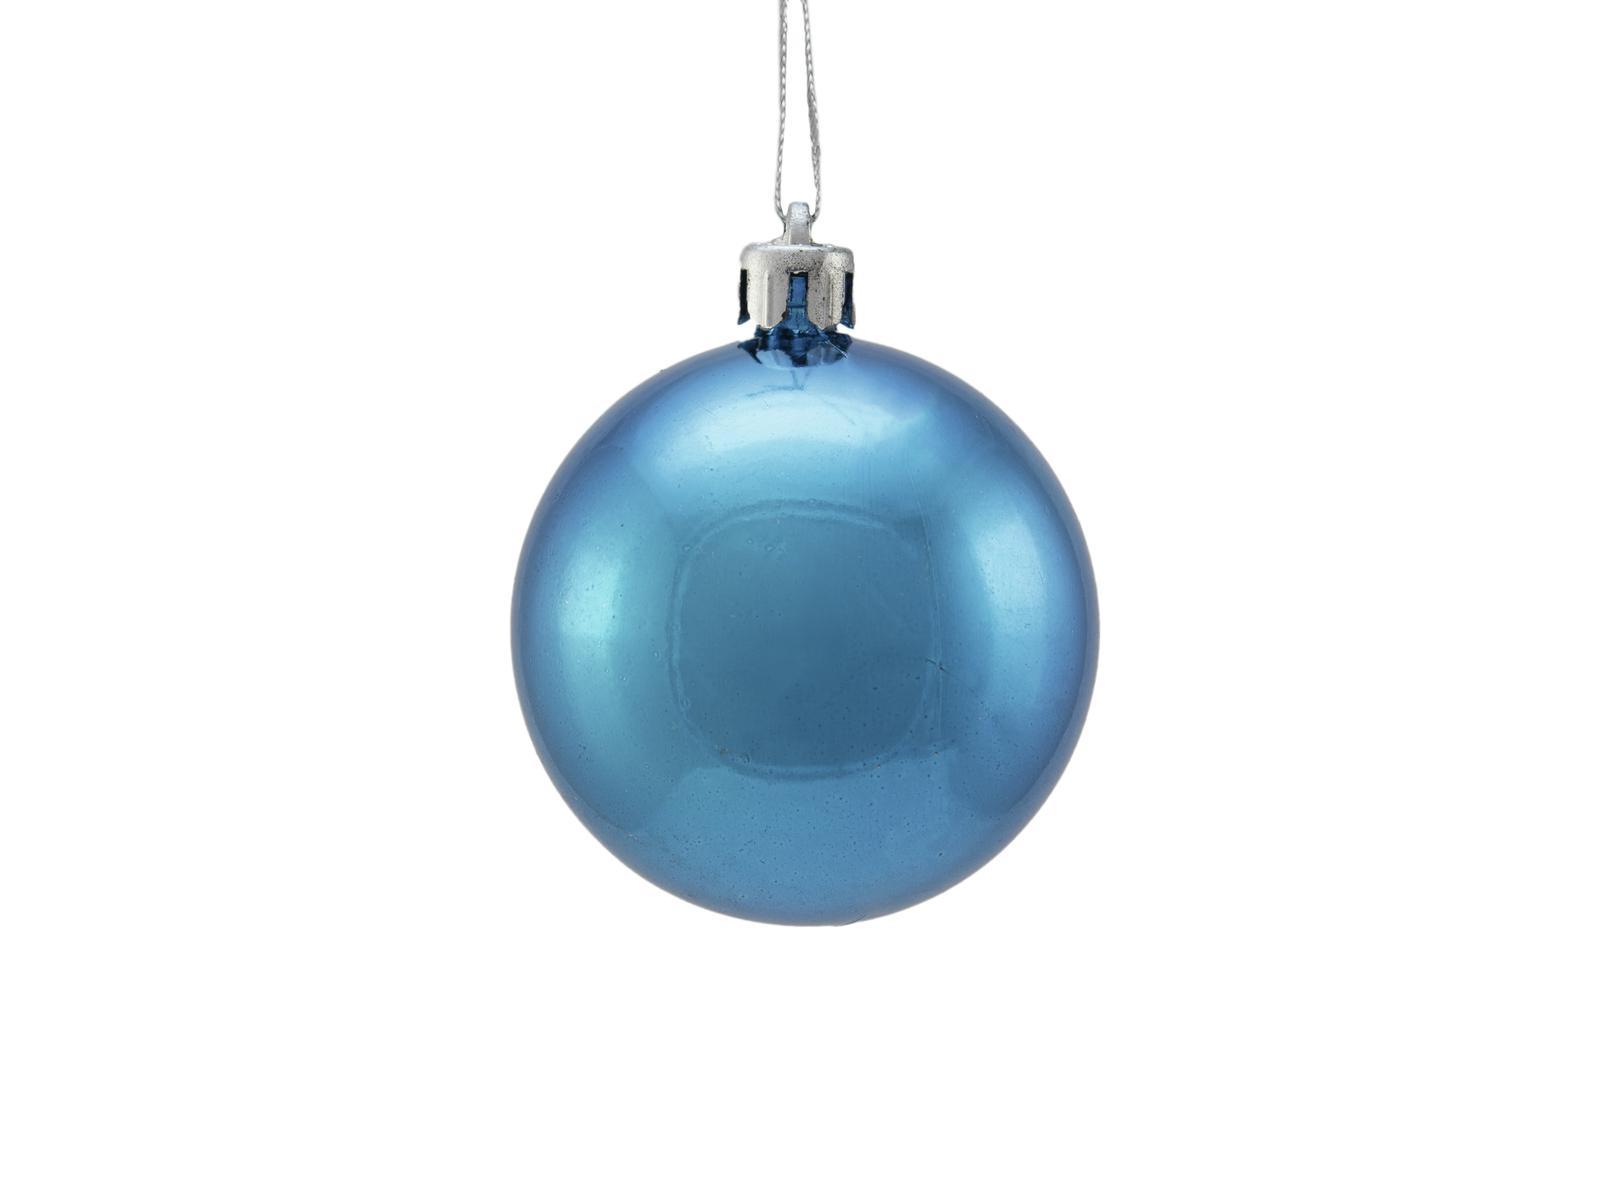 Vánoční dekorační ozdoby, 6 cm, modrá metalíza, 6 ks